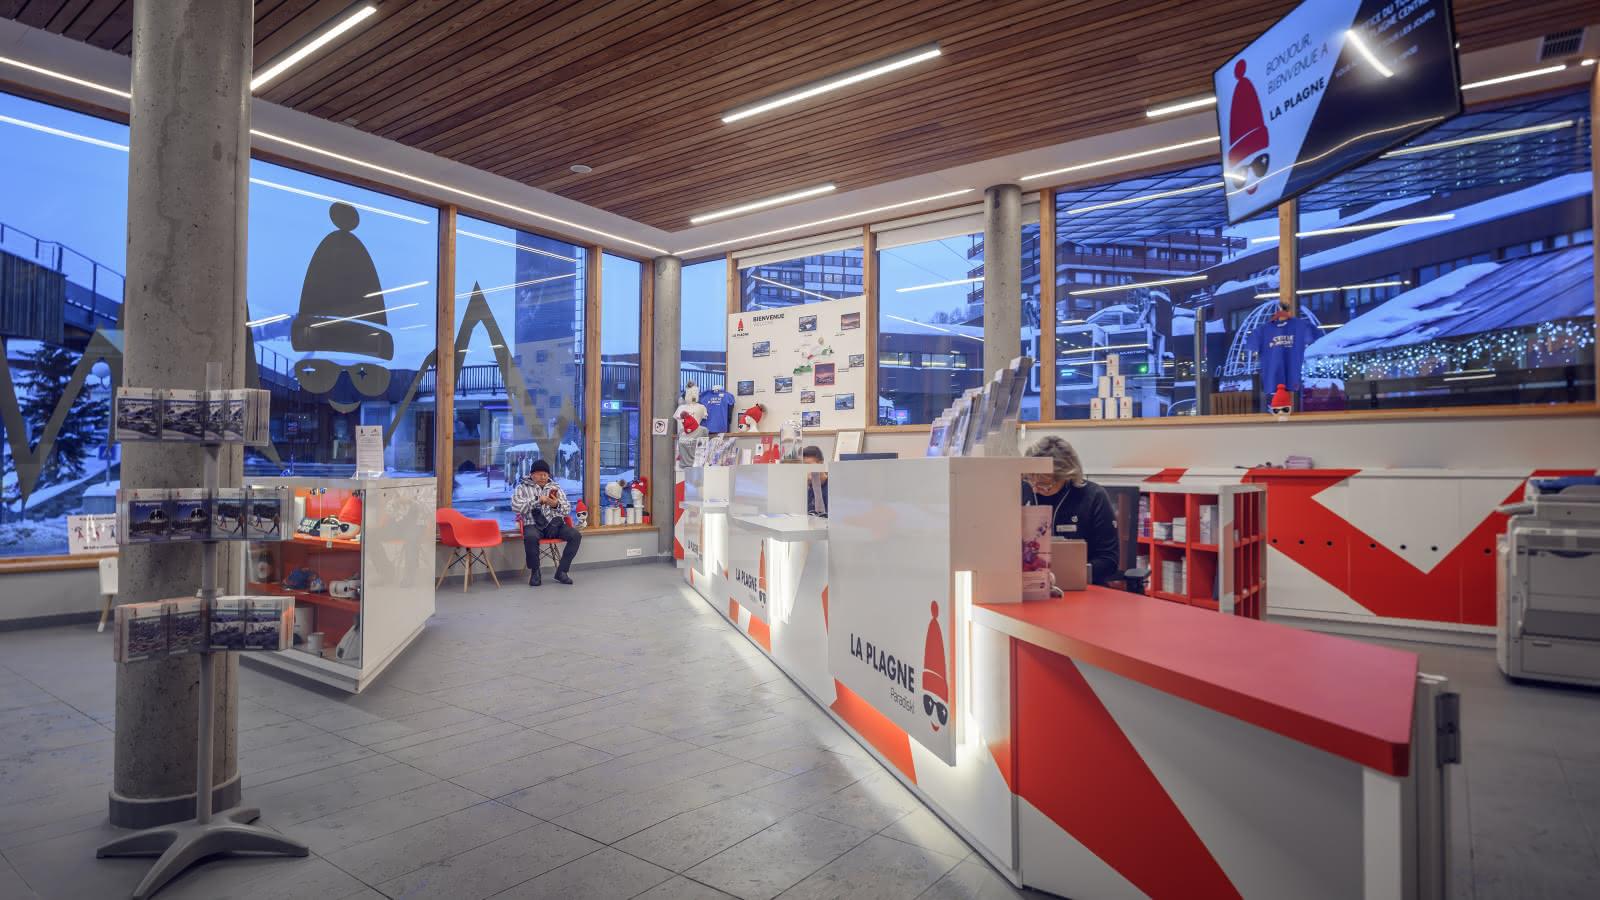 Accueil Office de Tourisme de Plagne Centre